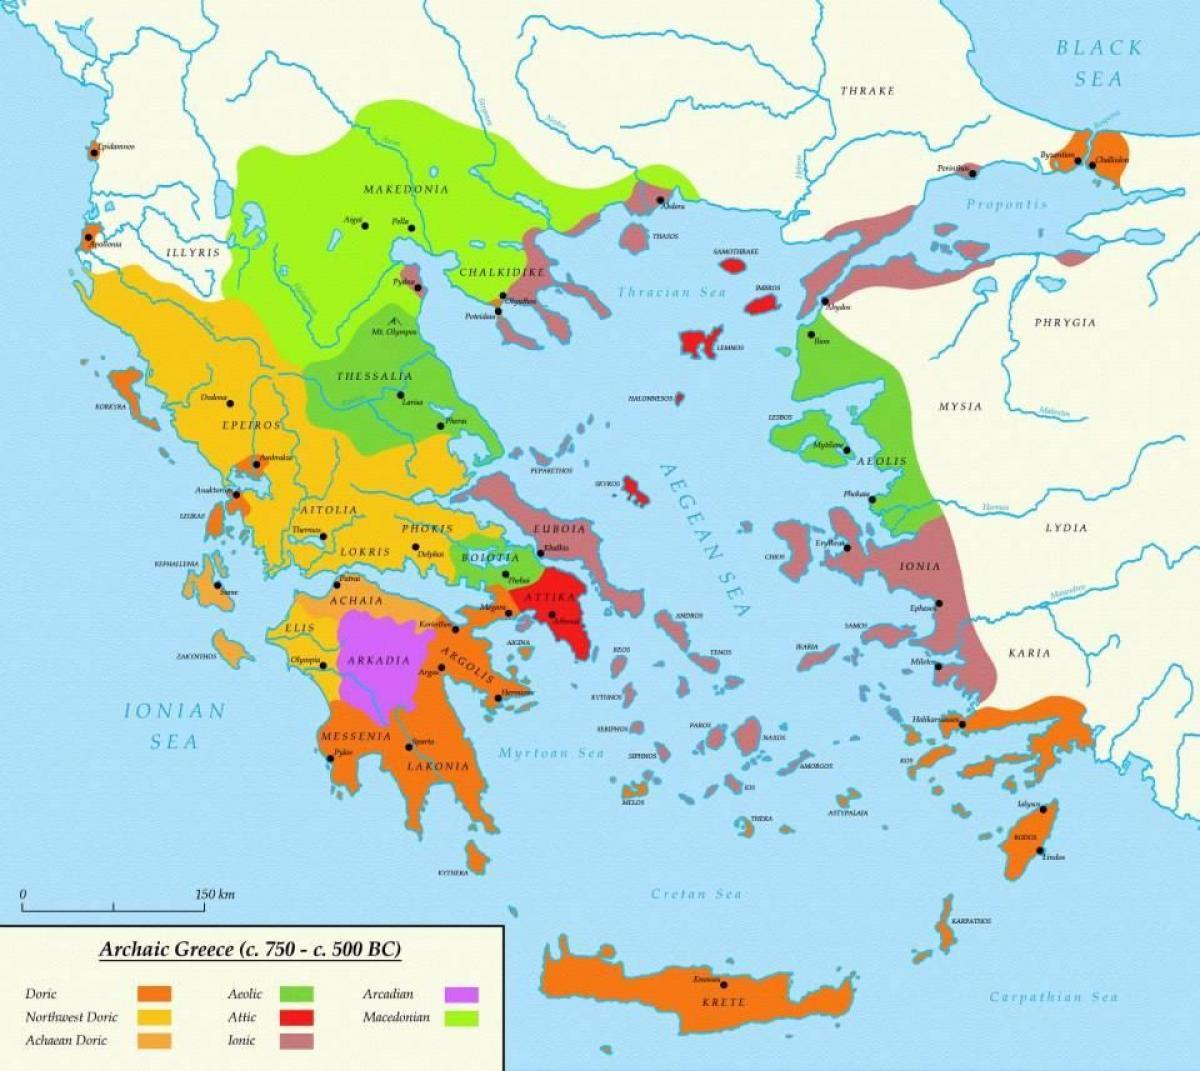 Karta Aten Grekland.Aten I Det Antika Grekland Karta Karta Over Aten Och Sparta I Det